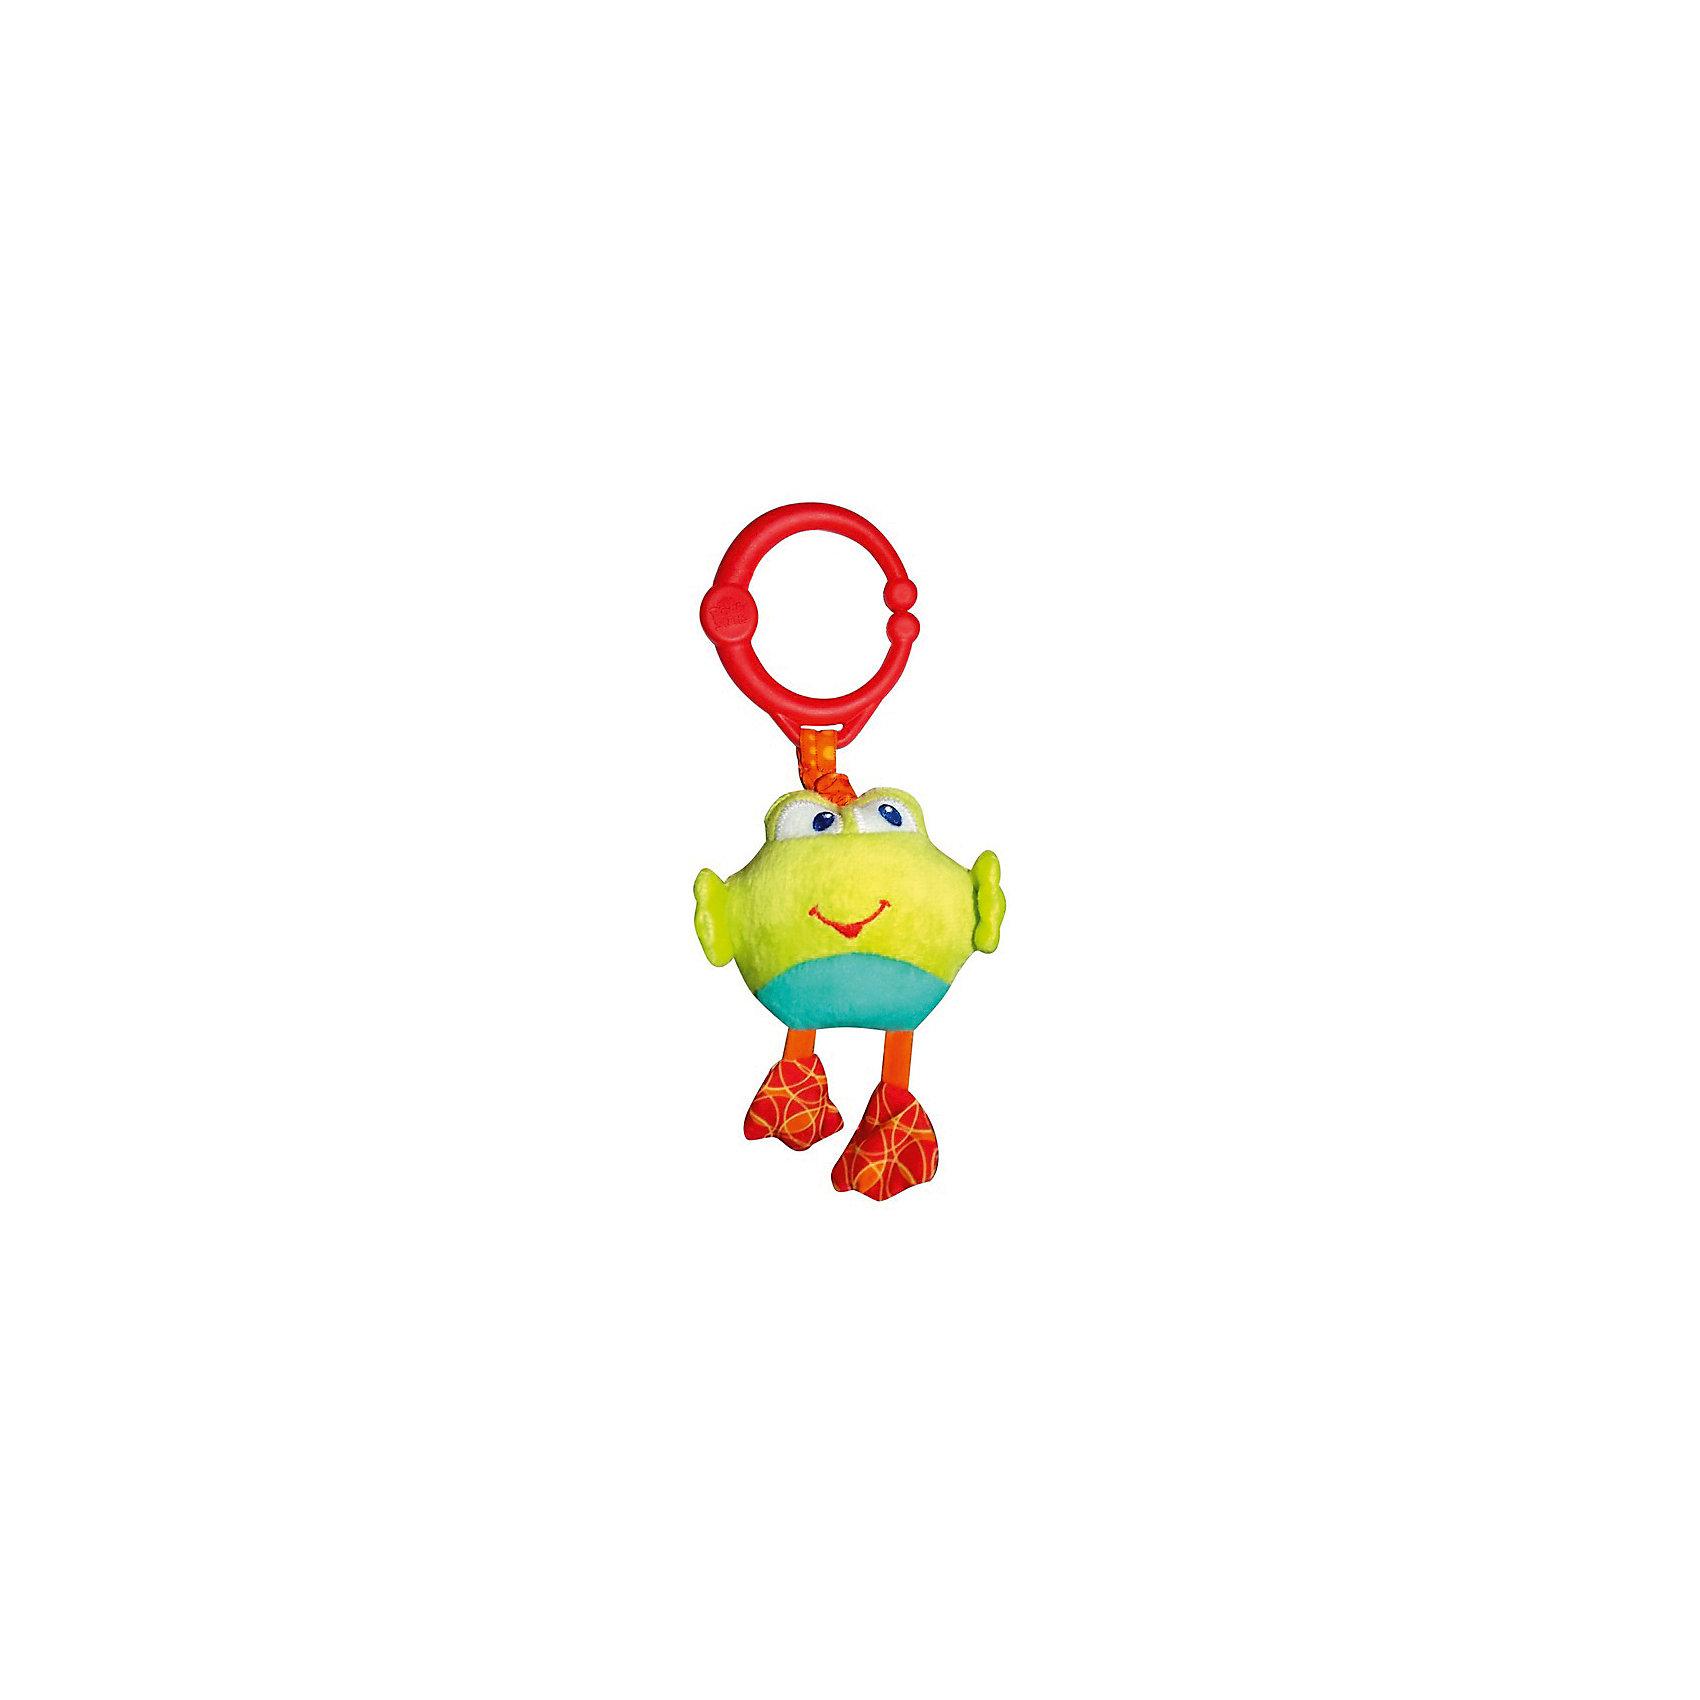 Развивающая игрушка Дрожащий дружок, Лягушка, Bright StartsРазвивающие игрушки<br>Развивающая игрушка «Дрожащий дружок», Лягушка от знаменитого американского бренда Bright Starts (Брайт стартс). Яркая и веселая плюшевая игрушка в виде лягушонка изготовлена из разного типа текстур и делает игру малыша еще интереснее! Если потянуть за игрушку, то она будет вибрировать. Игрушка поможет развить цветовое и тактильное восприятие ребенка. Кроме того, у нее имеется удобное крепление, что позволяет повесить ее на коляску, переноску или интерактивный коврик.<br>- Дополнительная информация:<br>- Материал: пластик, текстиль<br>- Размер 24 * 10 * 6 см.<br>- Вес 250 гр.<br><br>Развивающую игрушку «Дрожащий дружок», Лягушка, Bright Starts можно купить в нашем интернет-магазине.<br><br>Подробнее:<br>• Для детей в возрасте: от 0 месяцев до 1 года<br>• Номер товара: 4918362<br>Страна производитель: Китай<br><br>Ширина мм: 84<br>Глубина мм: 260<br>Высота мм: 43<br>Вес г: 87<br>Возраст от месяцев: 0<br>Возраст до месяцев: 36<br>Пол: Унисекс<br>Возраст: Детский<br>SKU: 4918362